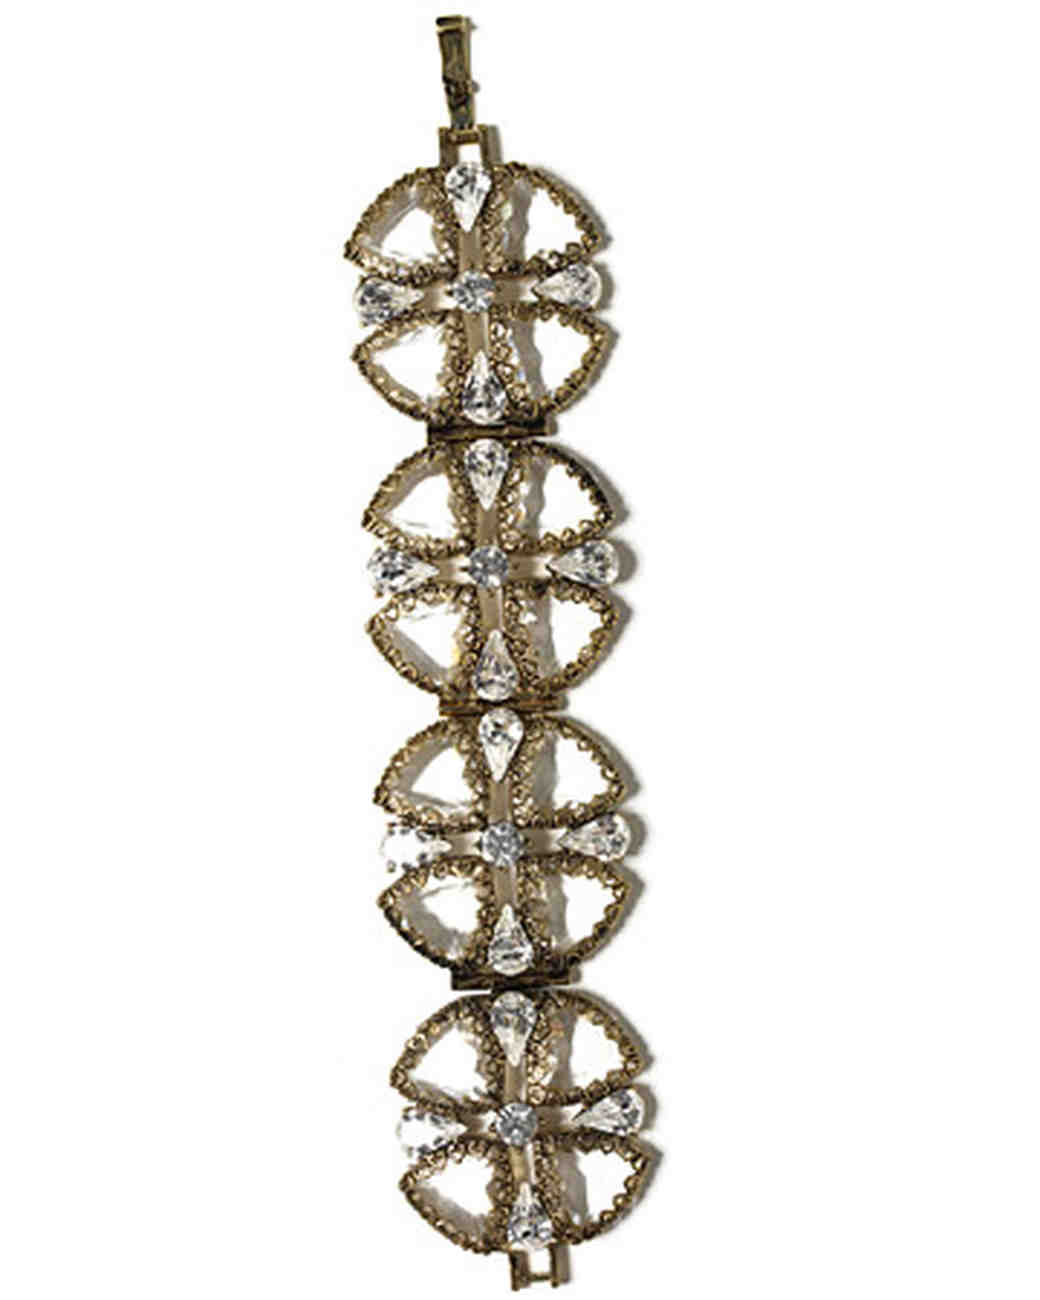 wd104606_spr09_jewelry45.jpg